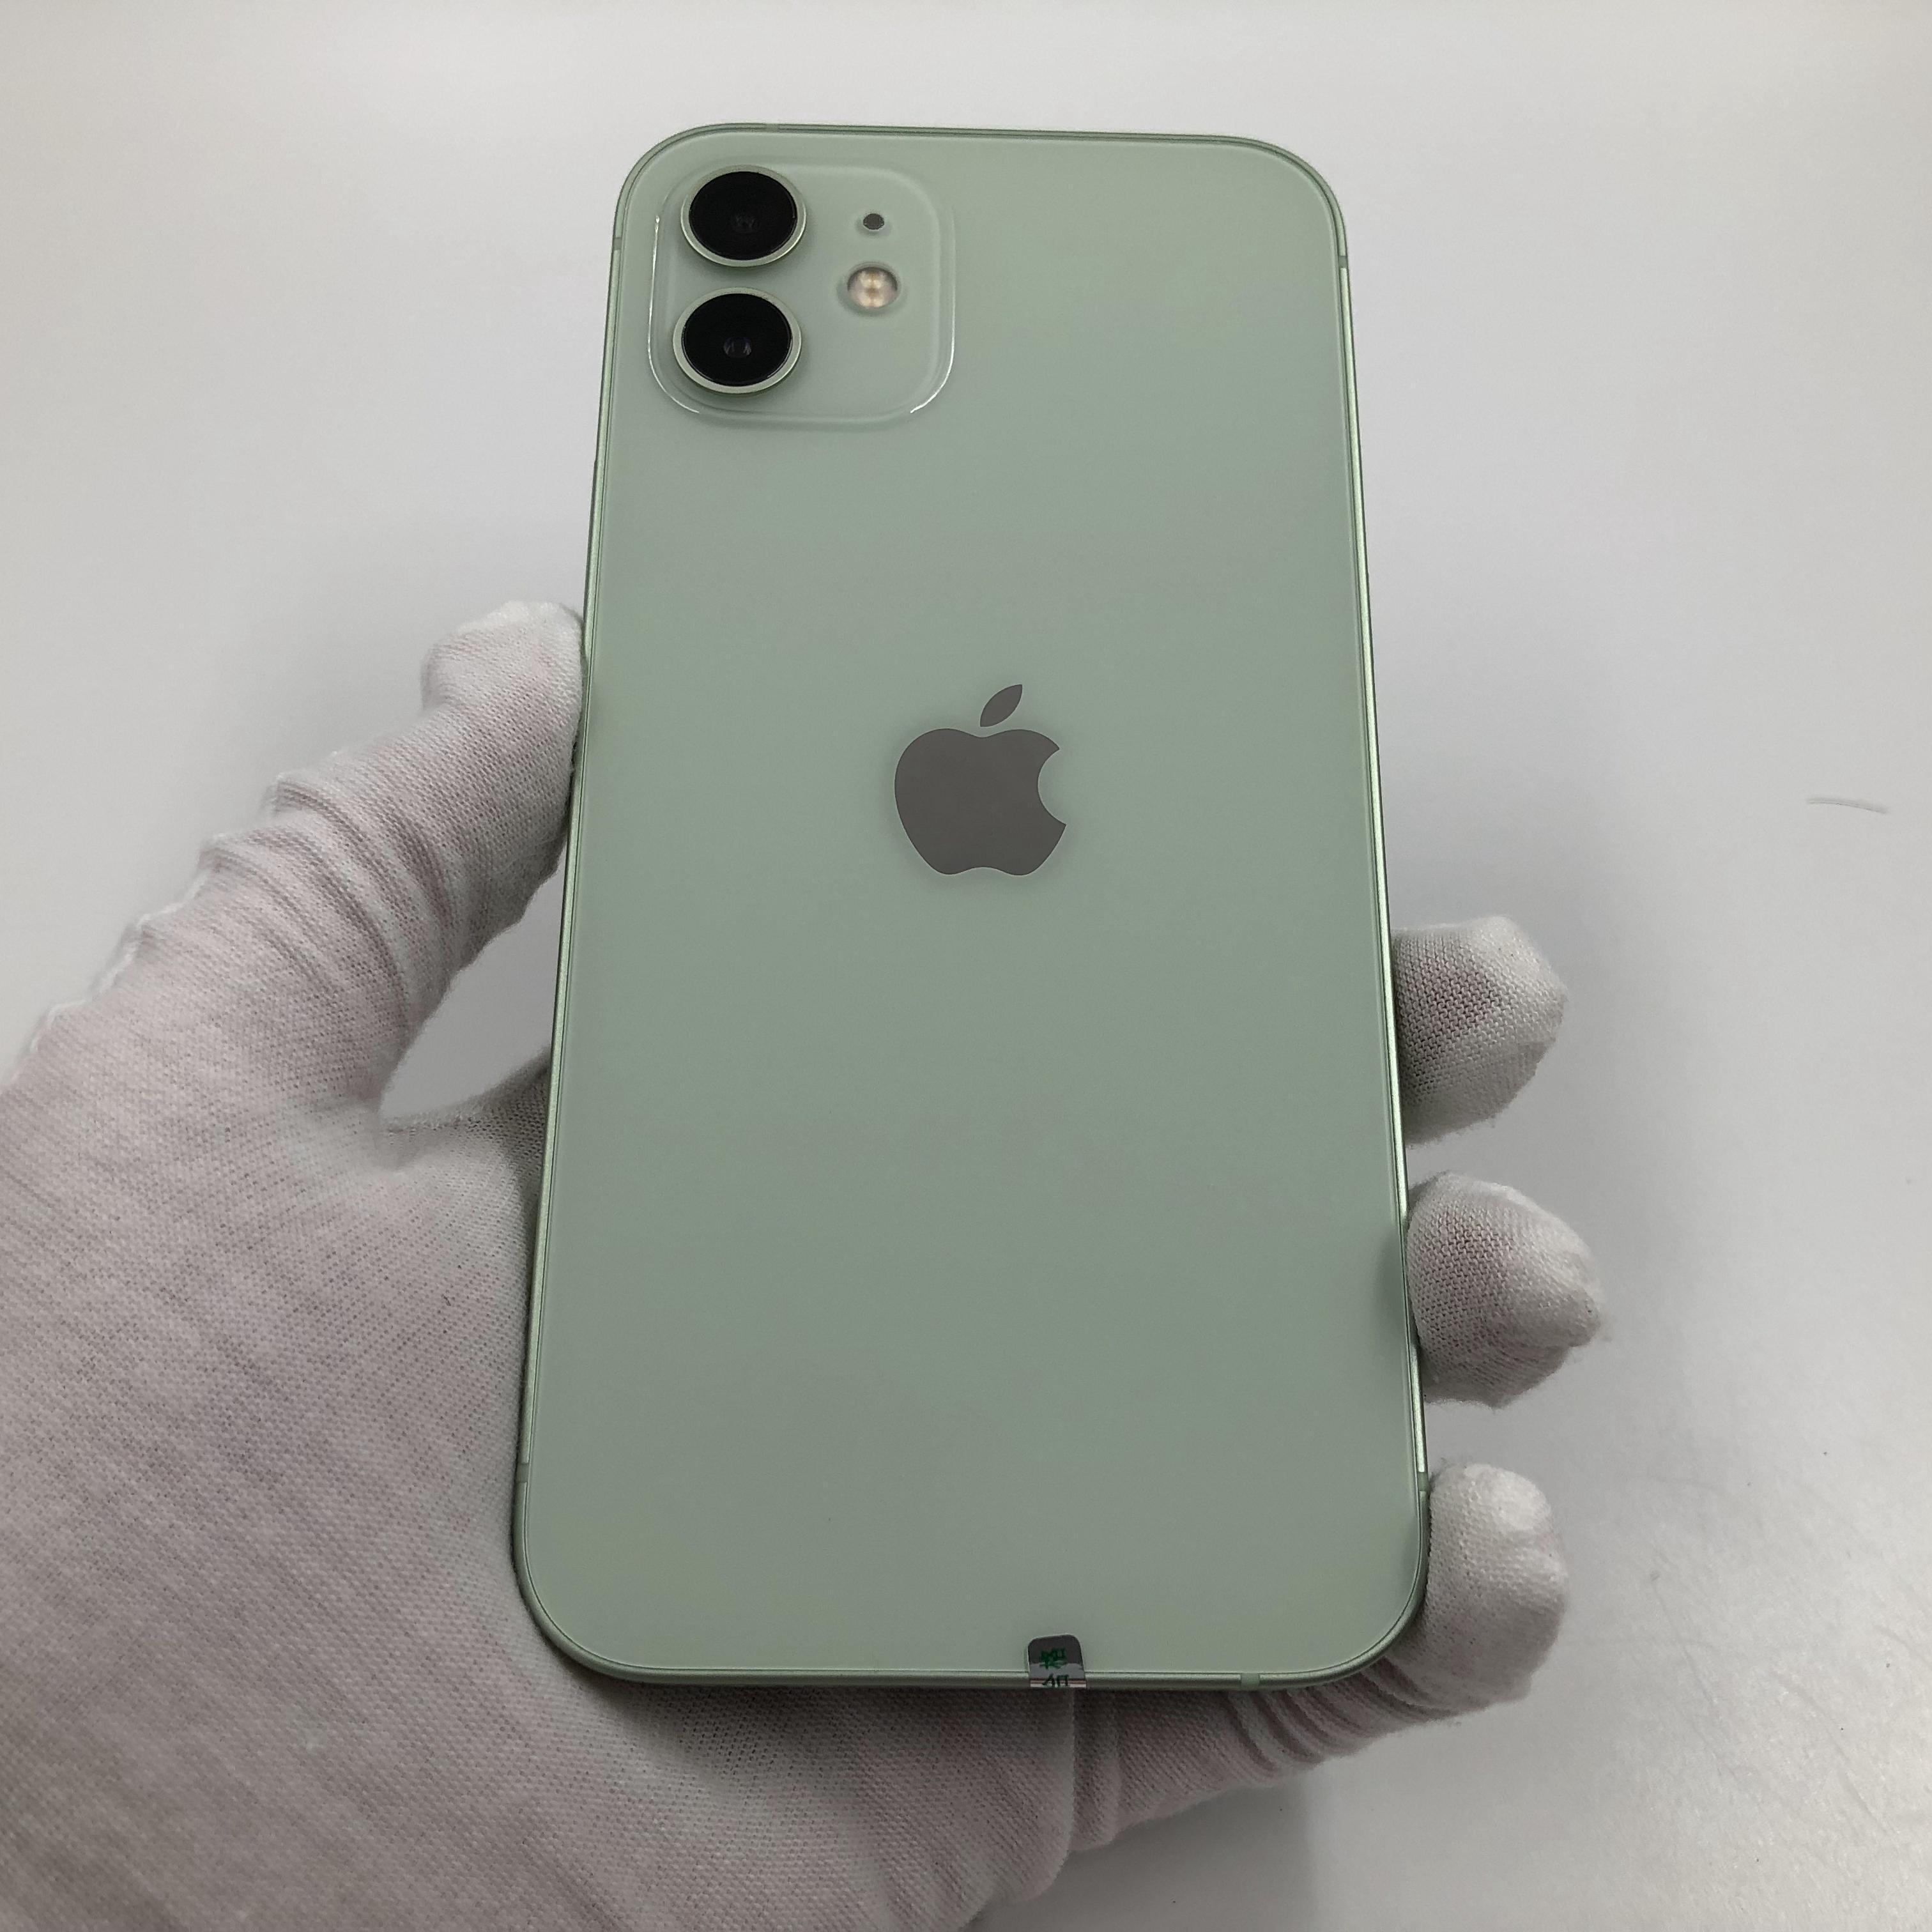 苹果【iPhone 12】5G全网通 绿色 128G 国行 95新 真机实拍官保2021-11-20